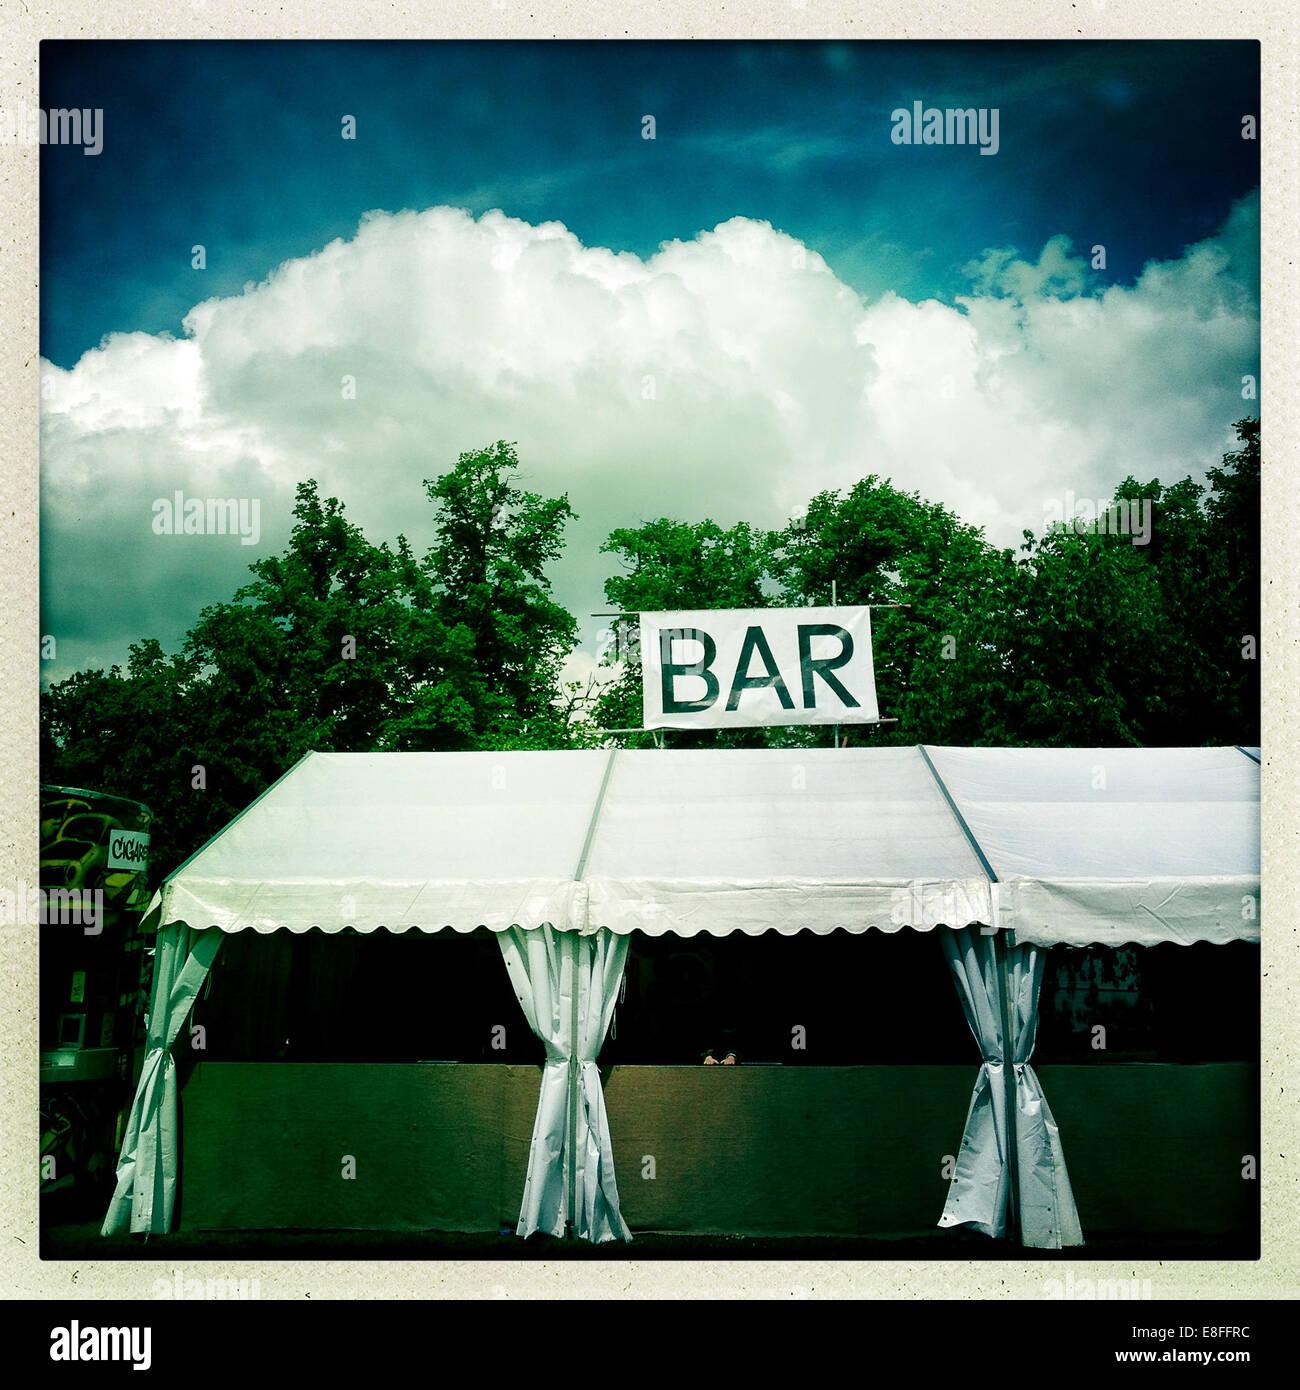 Bar vide tente au festival de musique Photo Stock